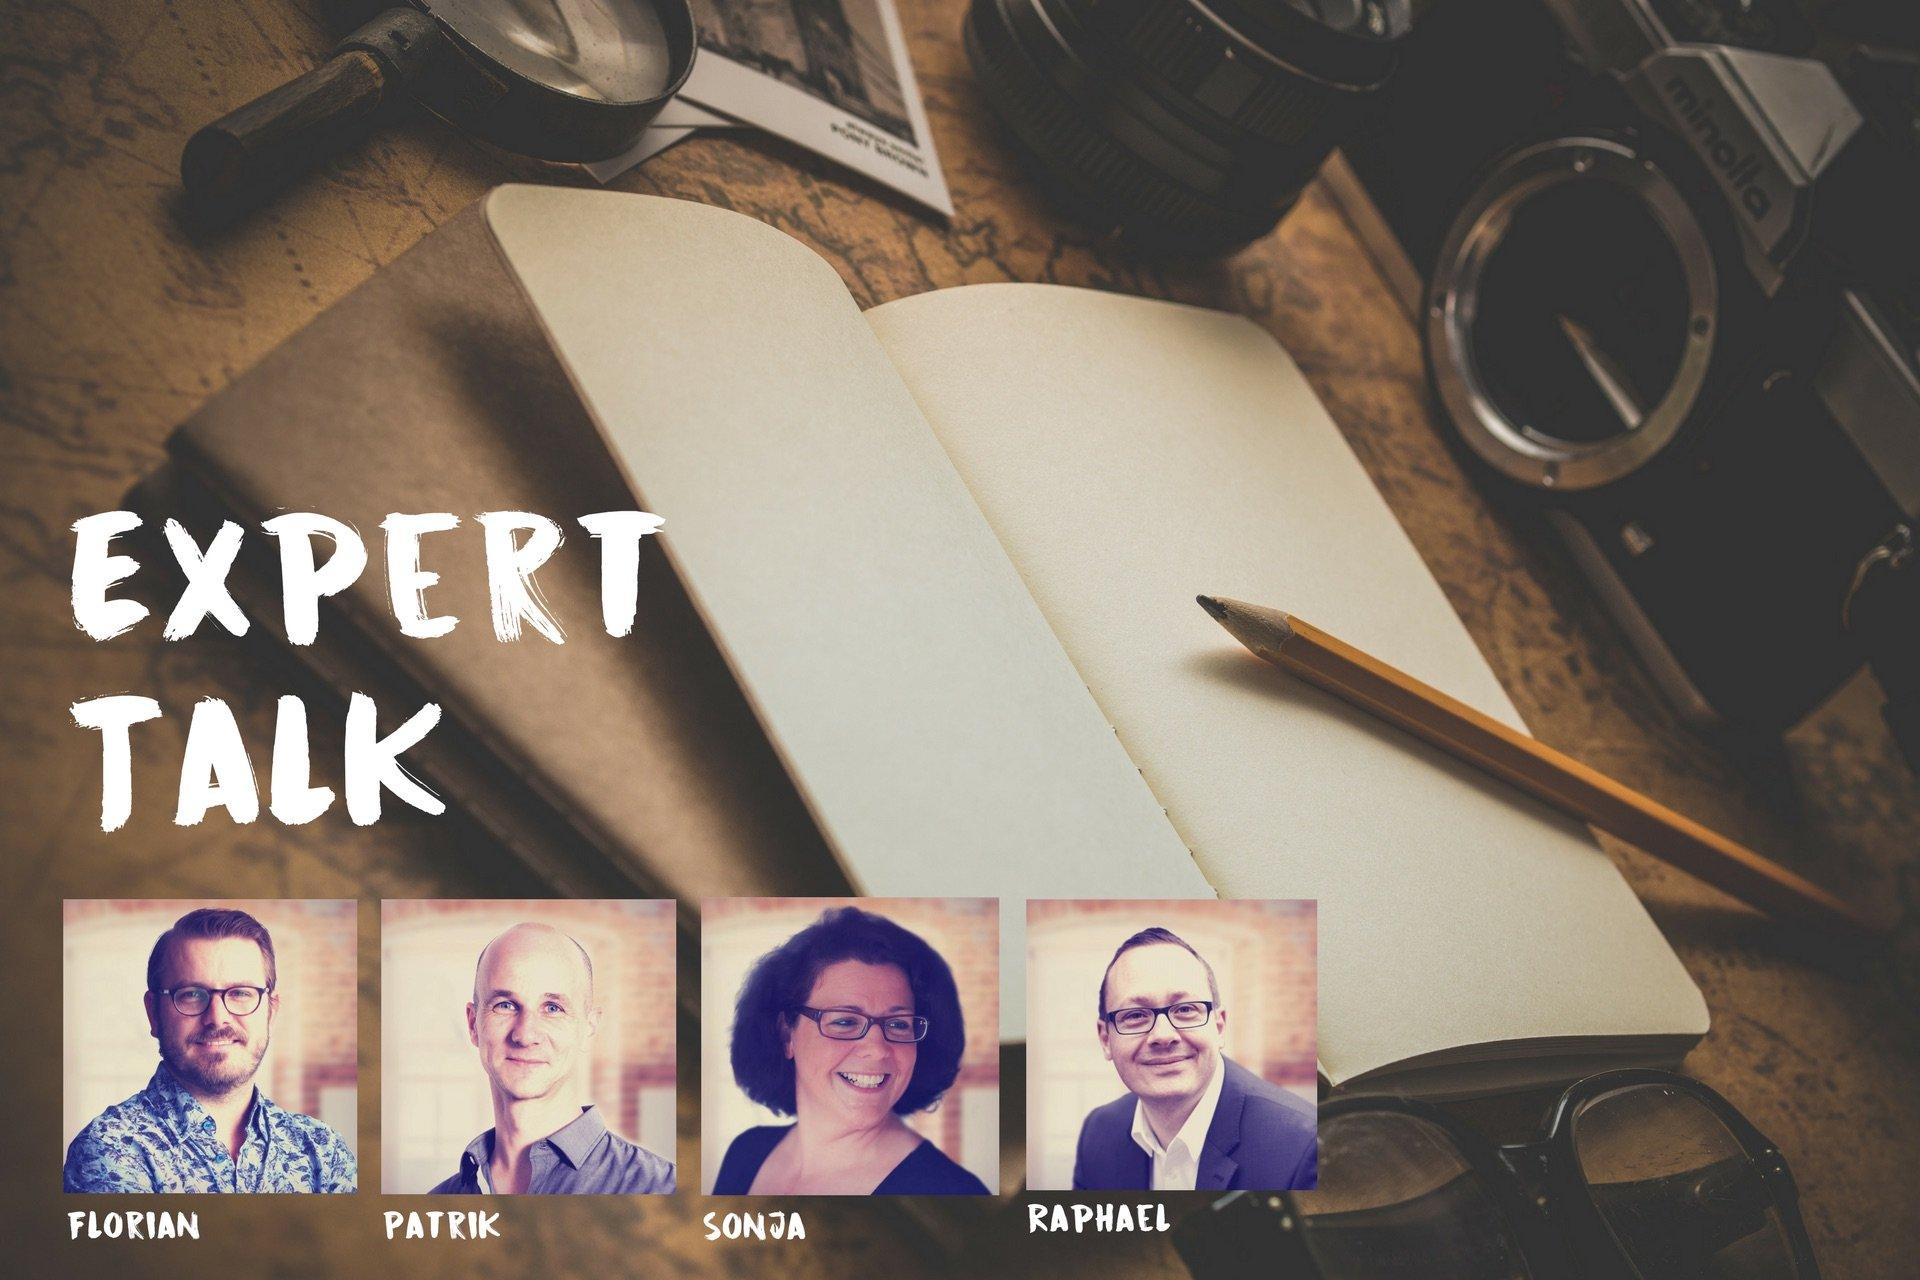 expert-talk-blog-header.jpg